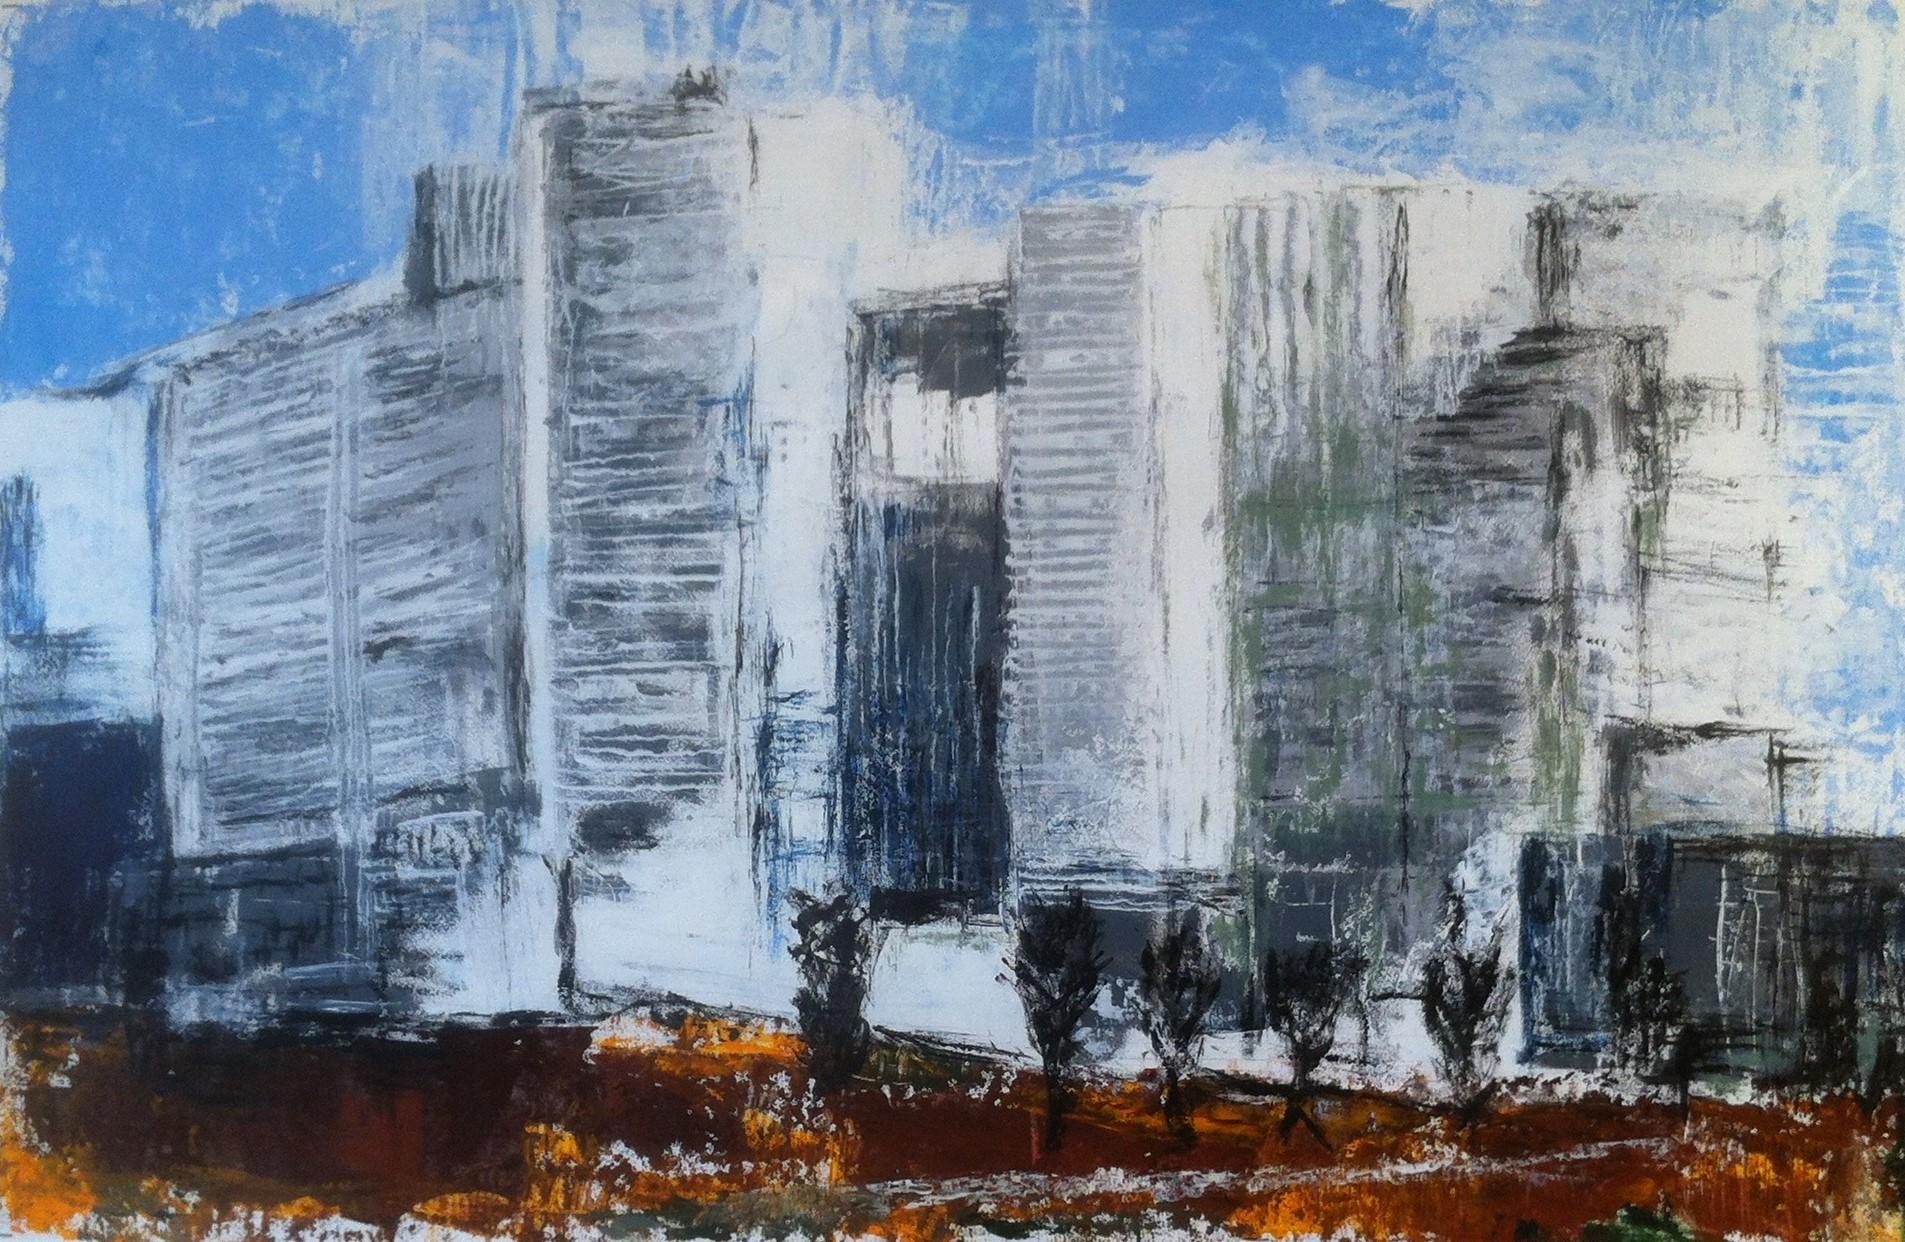 N°1609 - Immeubles - Acrylique sur papier - 65 x 100 cm - 9 octobre 2014